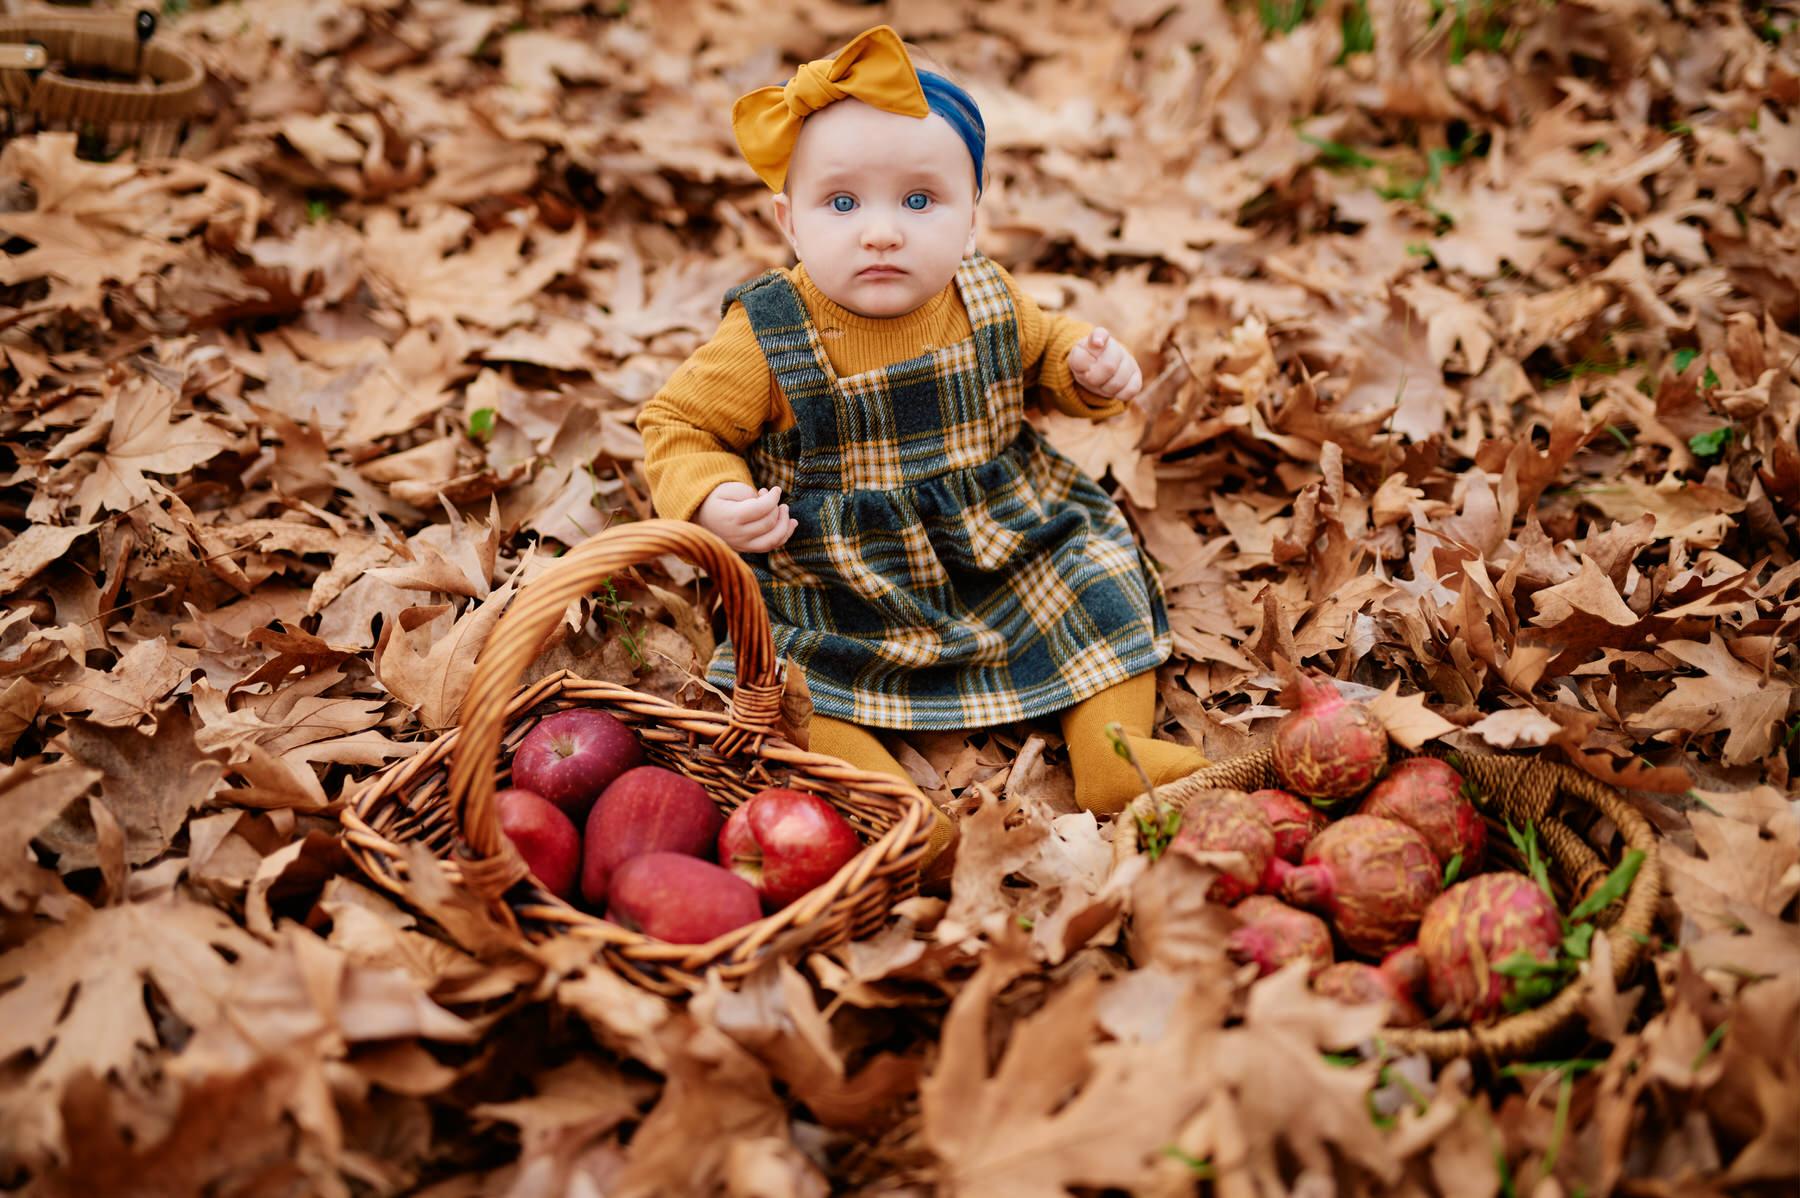 Οικογενειακή φωτογράφιση το φθινόπωρο // Alexoudis Photography